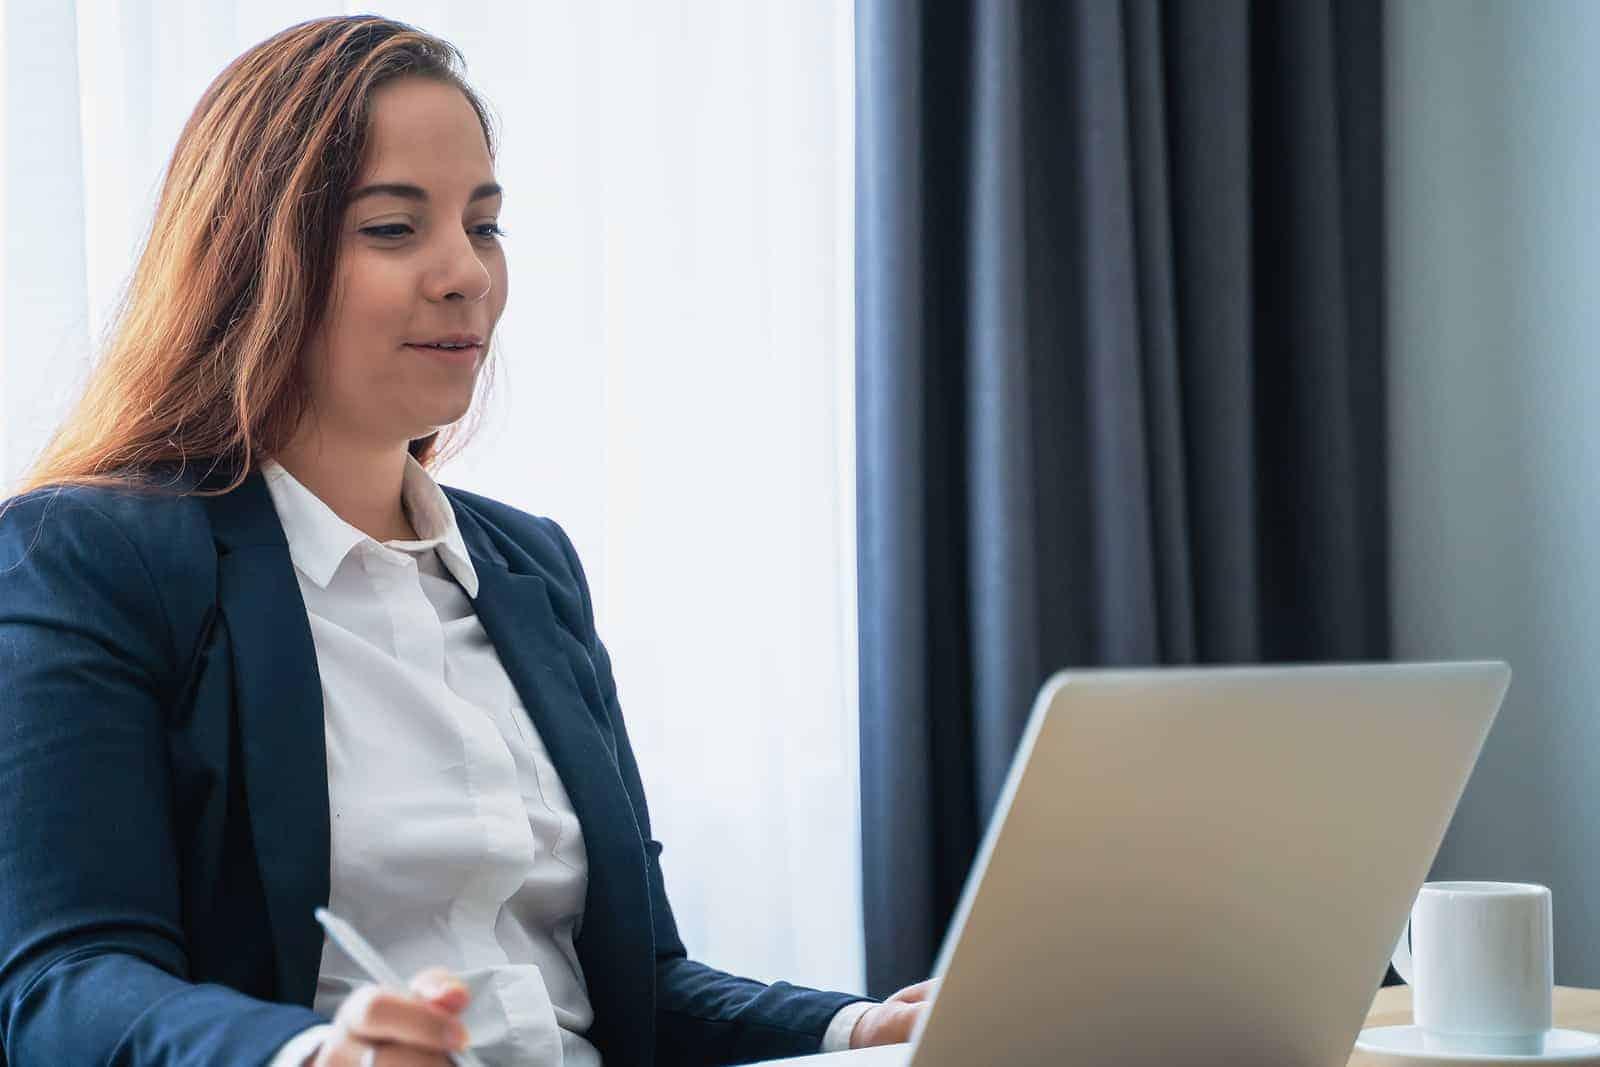 Selbstständigen Versicherungsmaklern eröffnet Finanzritter einen sicheren digitalen Vertriebskanal ohne Kosten. <q>Bigstockphoto/DedMityay